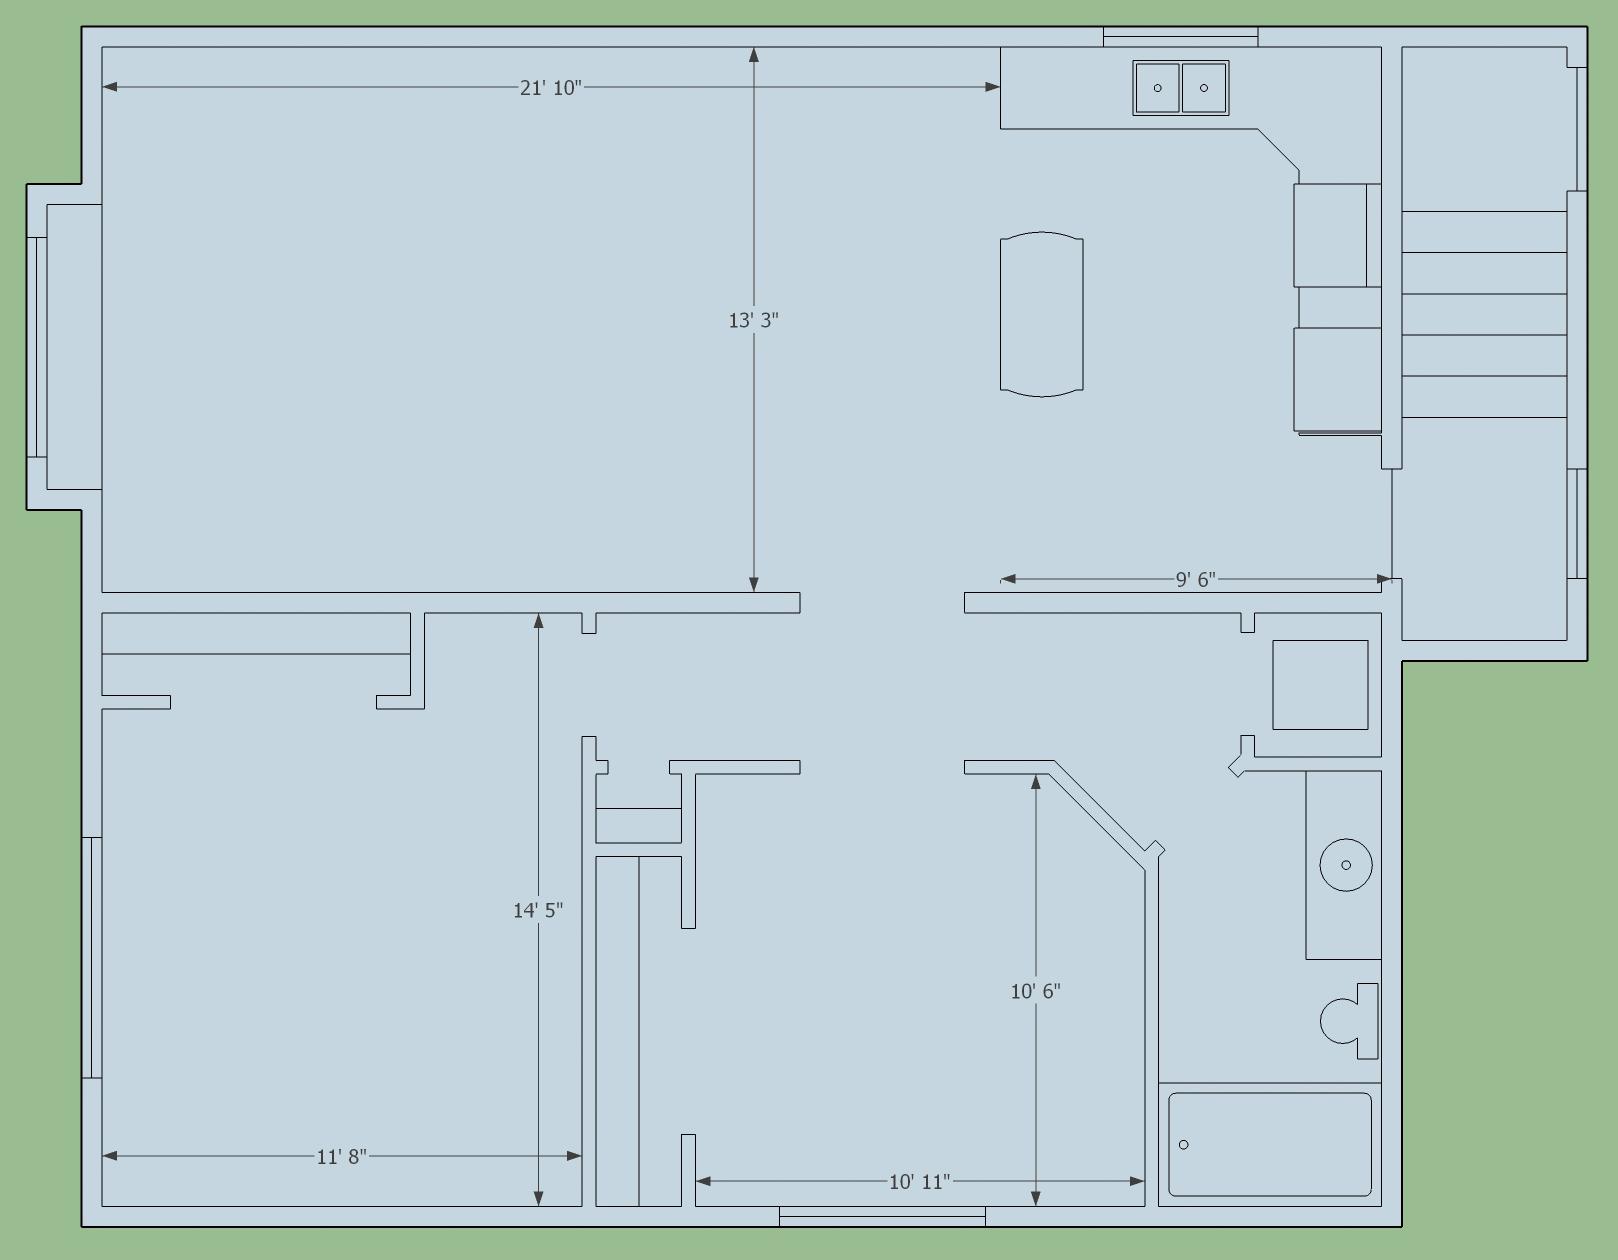 20-willow-3 floor plan_